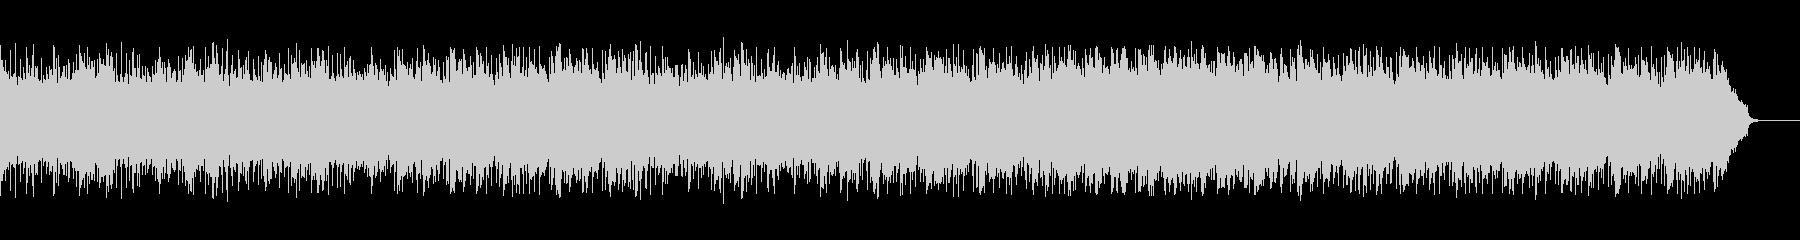 アコースティックセンチメンタル#38−1の未再生の波形